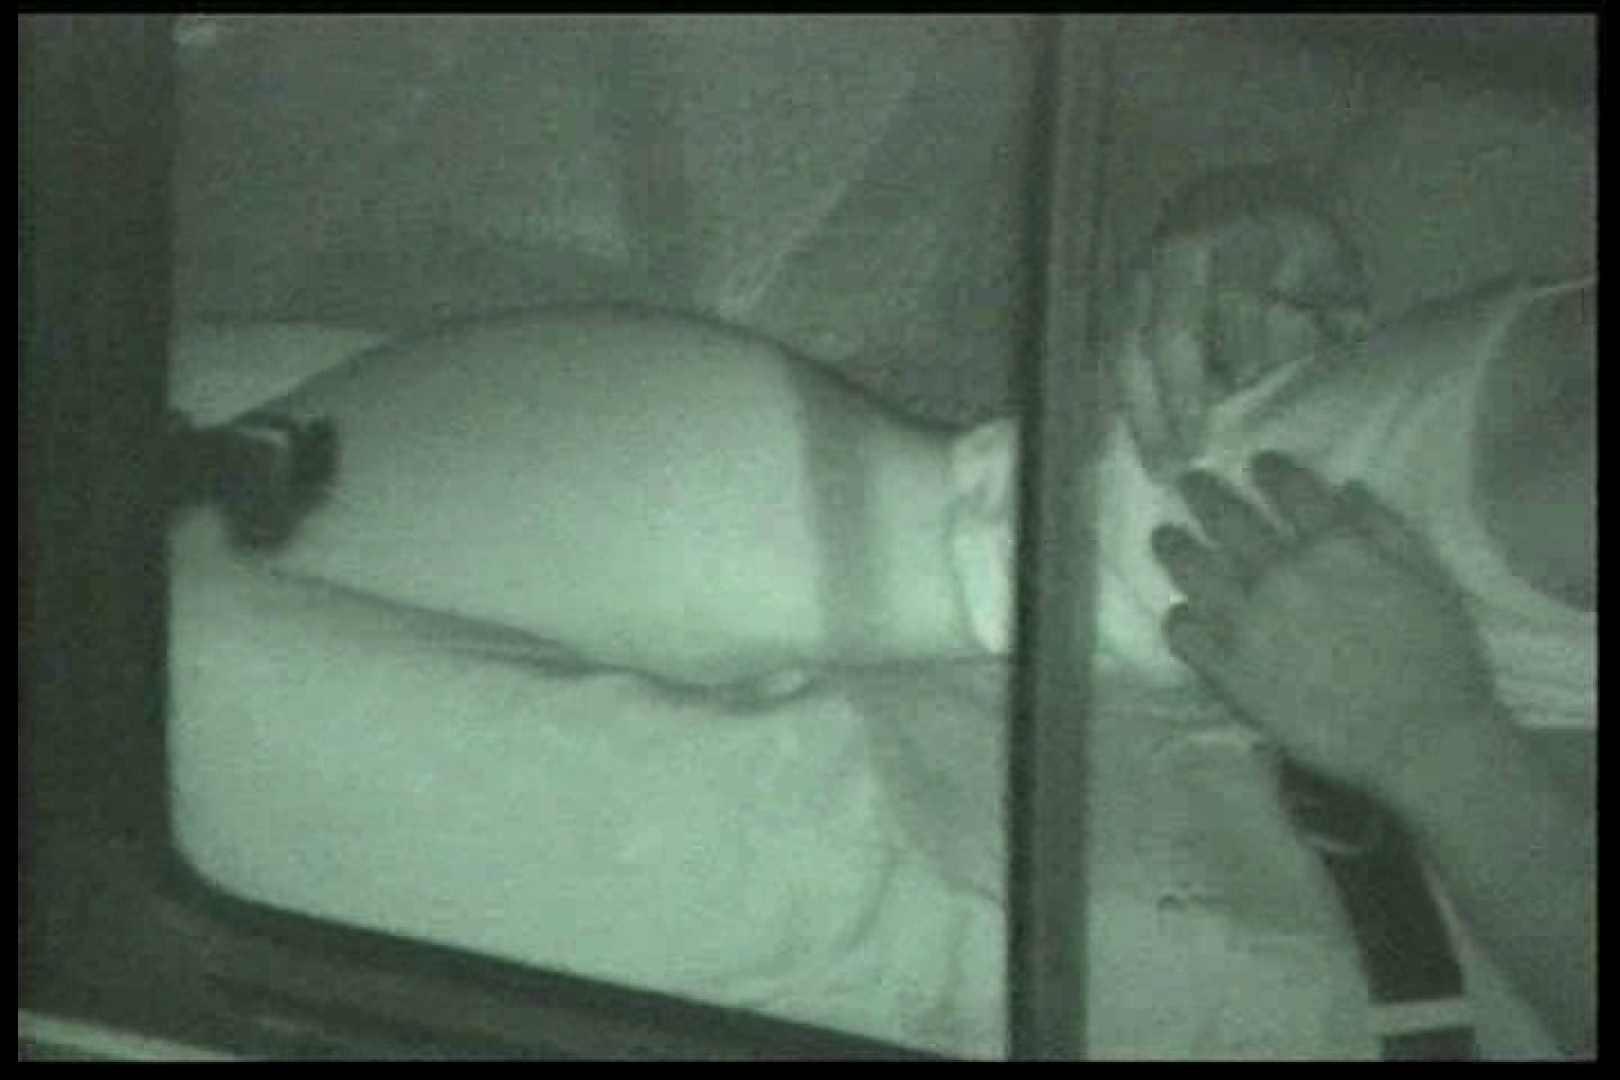 車の中はラブホテル 無修正版  Vol.15 手マン 隠し撮りオマンコ動画紹介 73連発 46